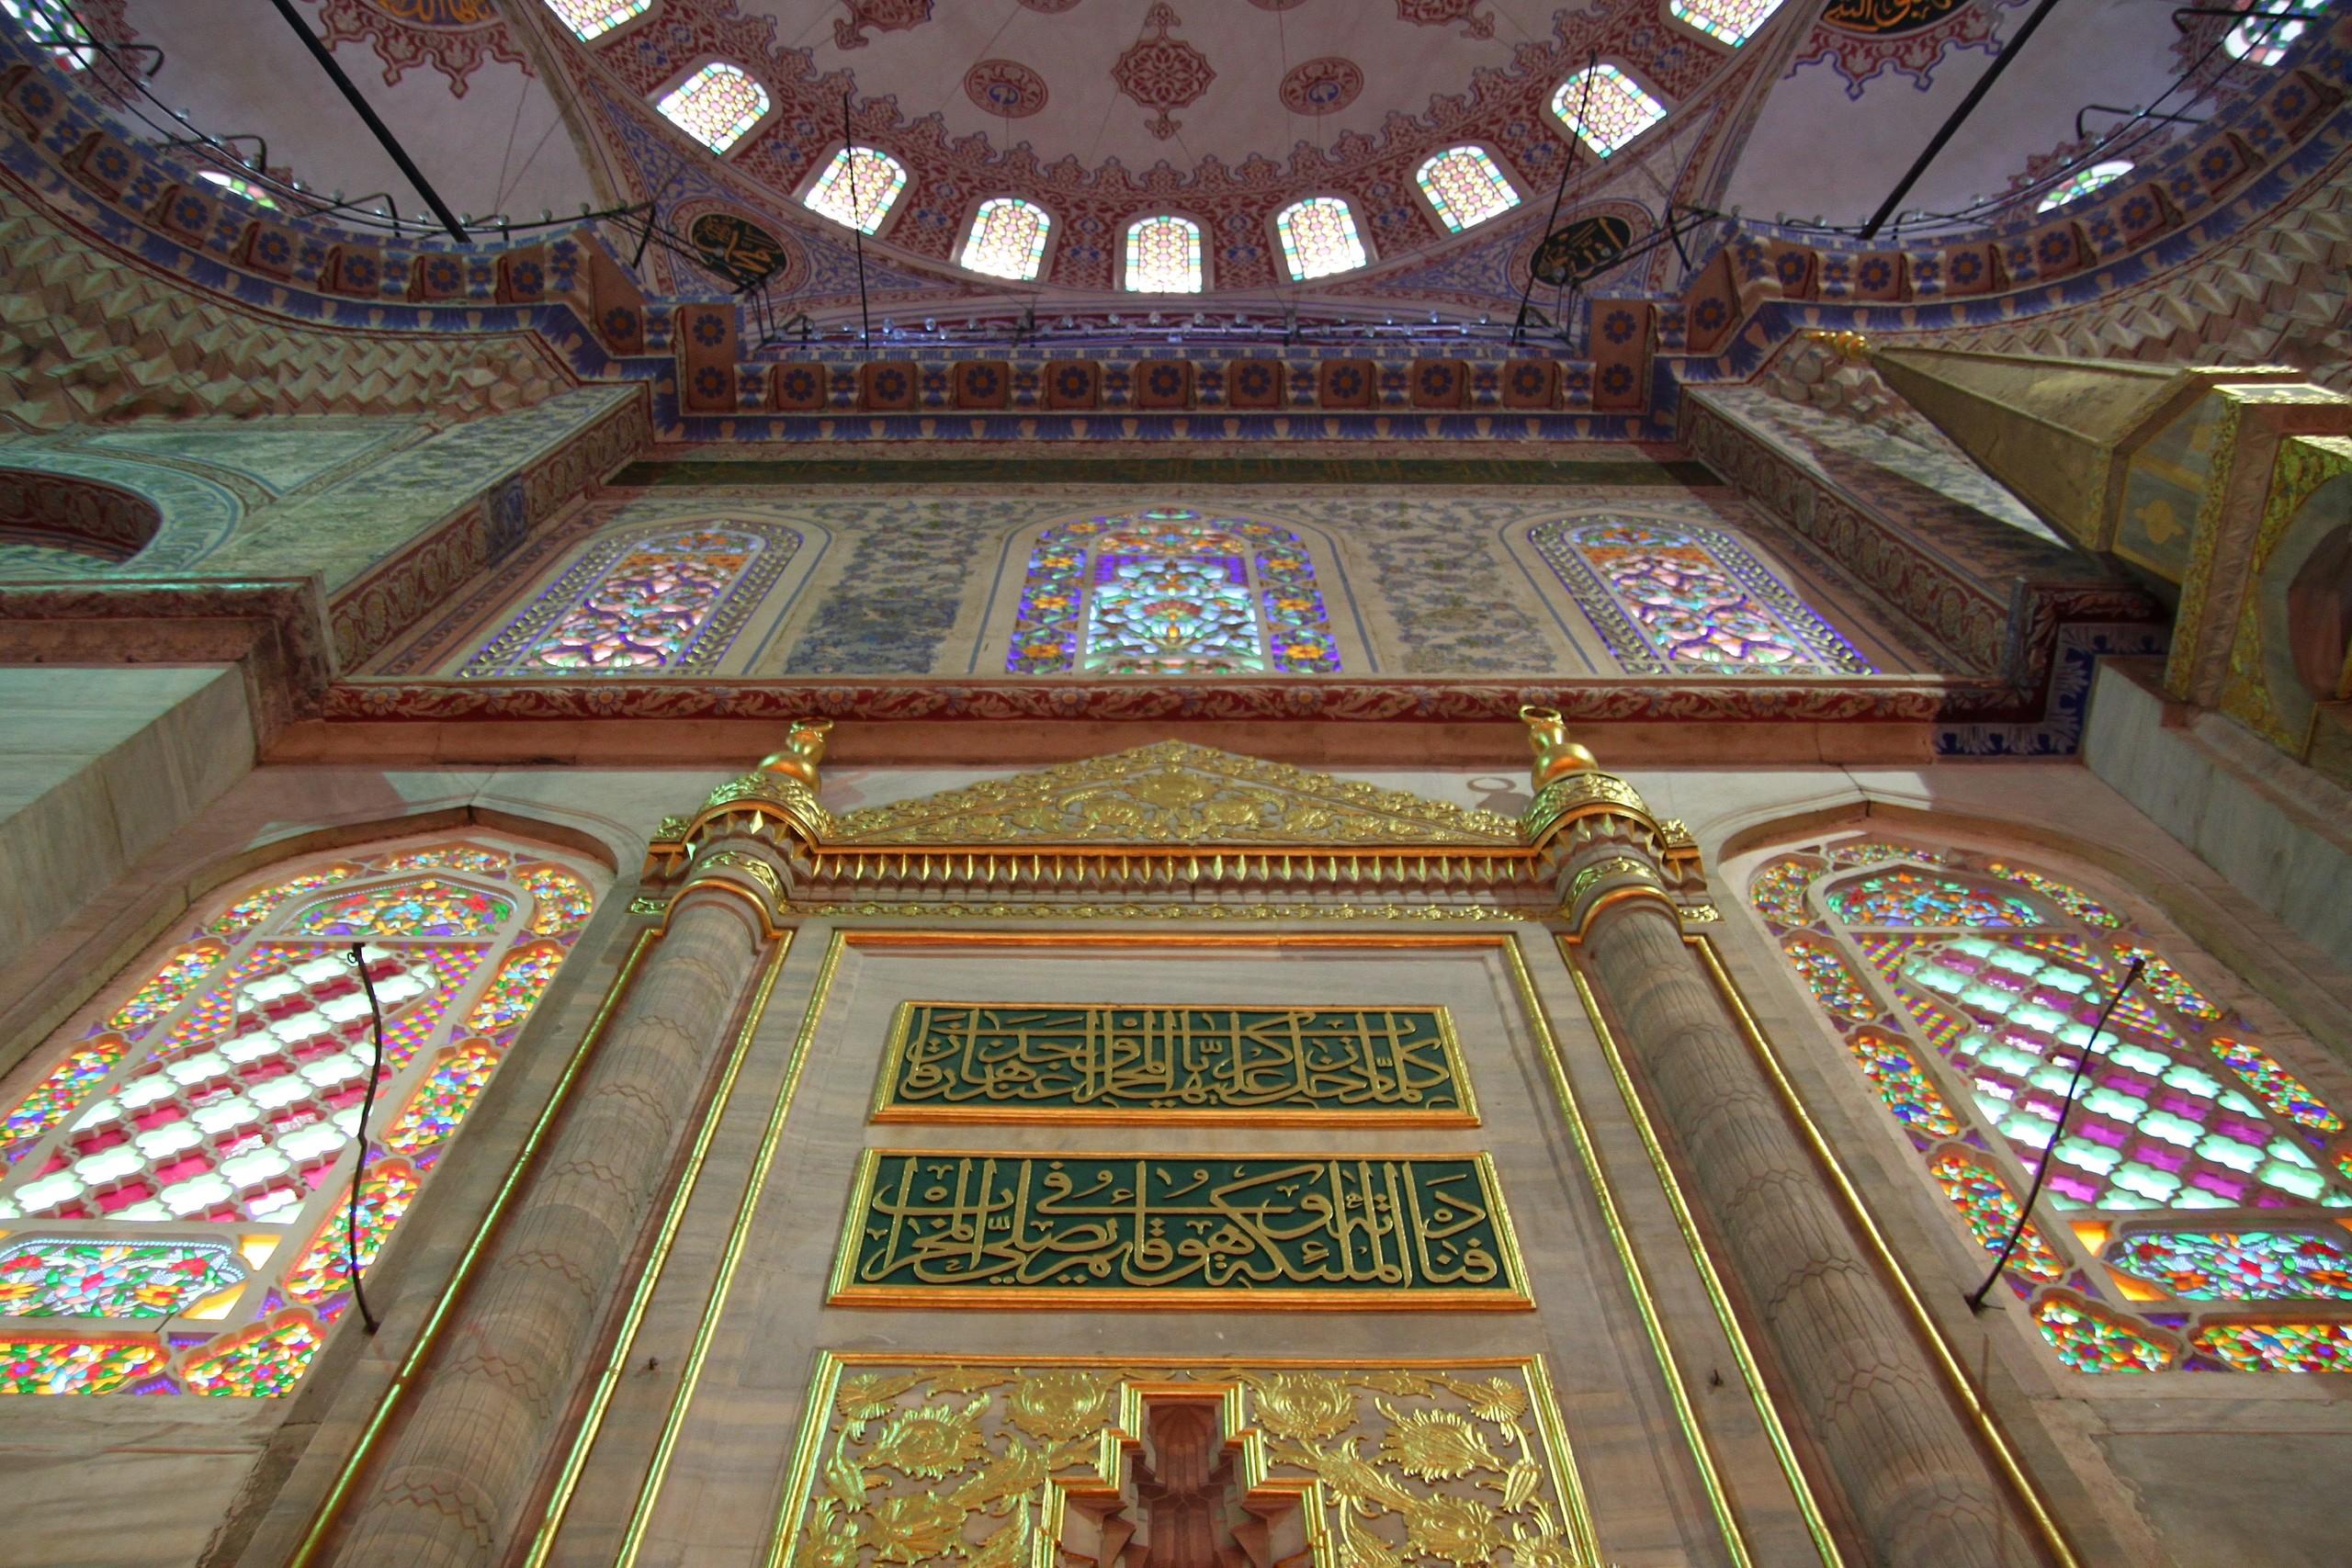 Pırlantadan Kubbeler #5: Sultanahmed - 1daWzB - Pırlantadan Kubbeler #5: Sultanahmed